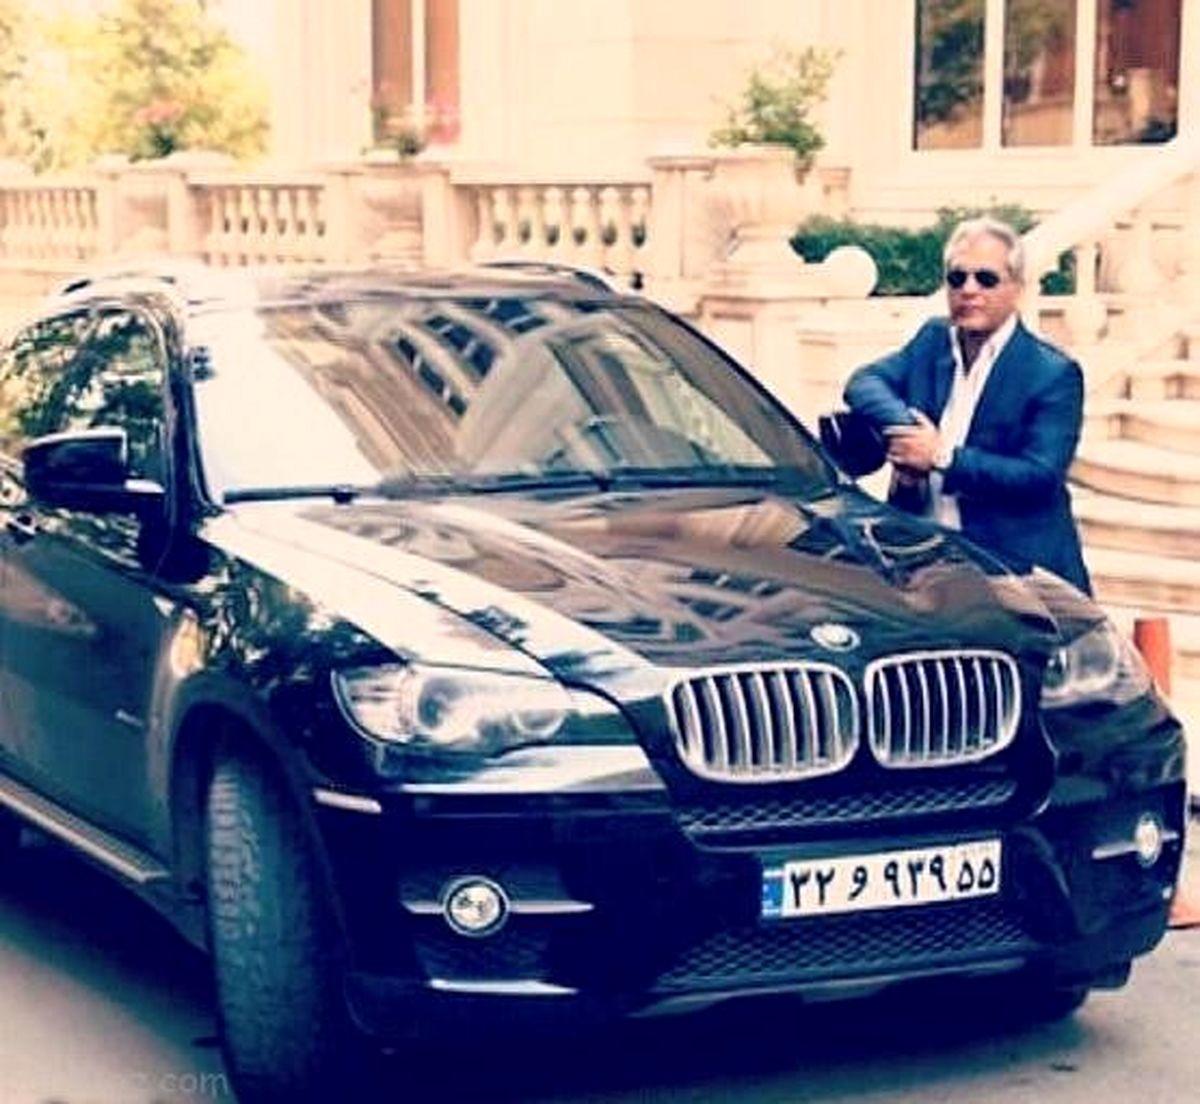 رونمایی مهران مدیری از زندگی ثروتمندانه و فوق لاکچریش + عکس جنجالی